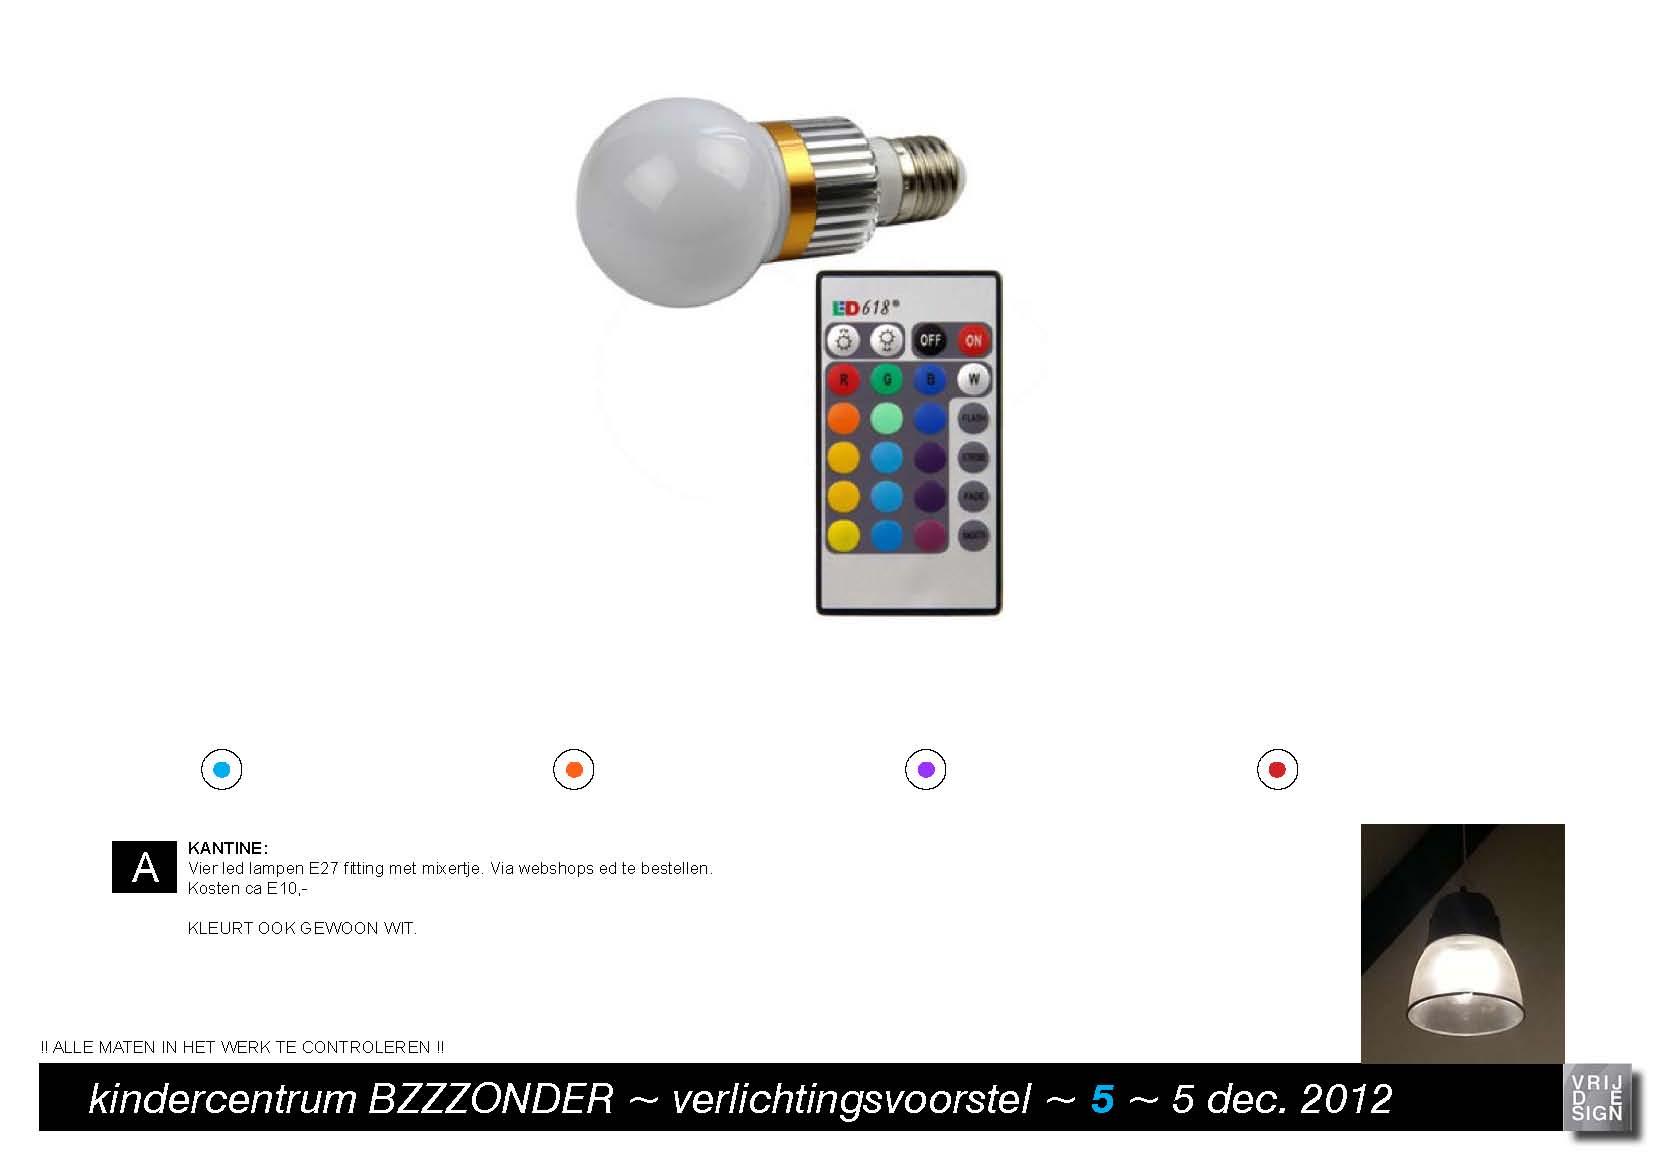 verlichtings ideeen - 5 dec 2012 (1)_Page_6